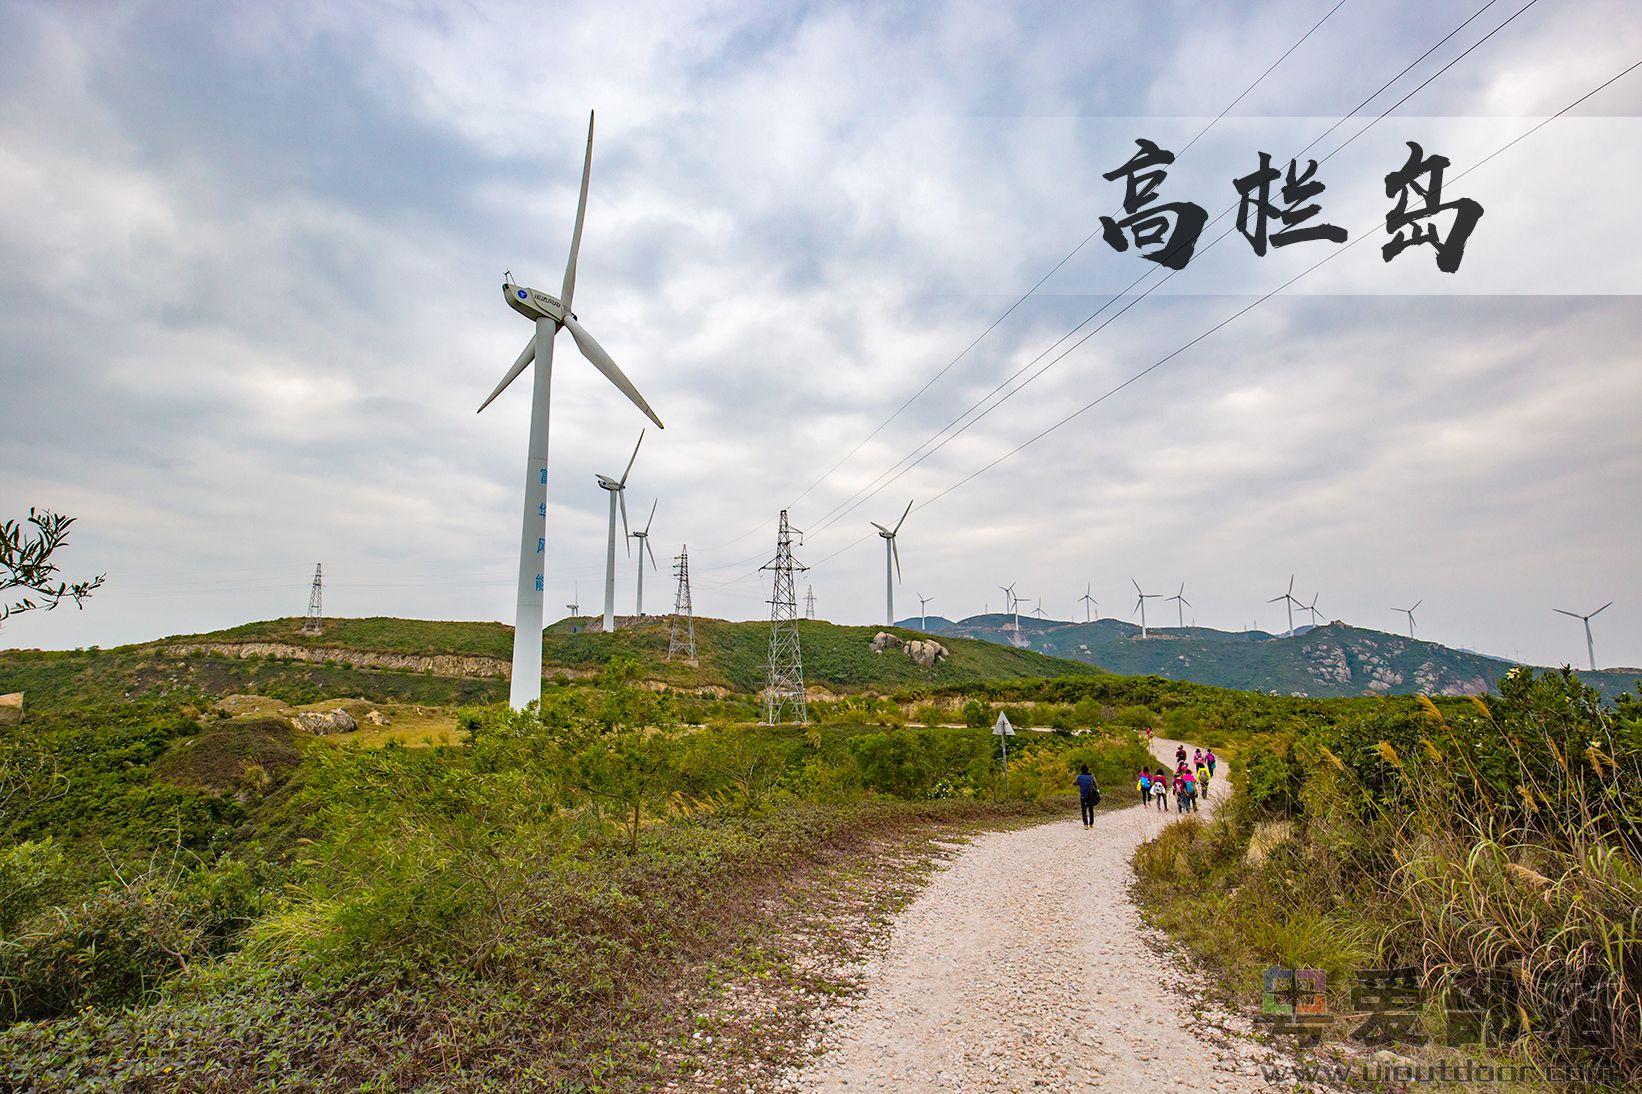 (4)【12.2周日】珠海高栏岛观绝色山海风光,邂逅广东最美风车山-户外活动图-驼铃网